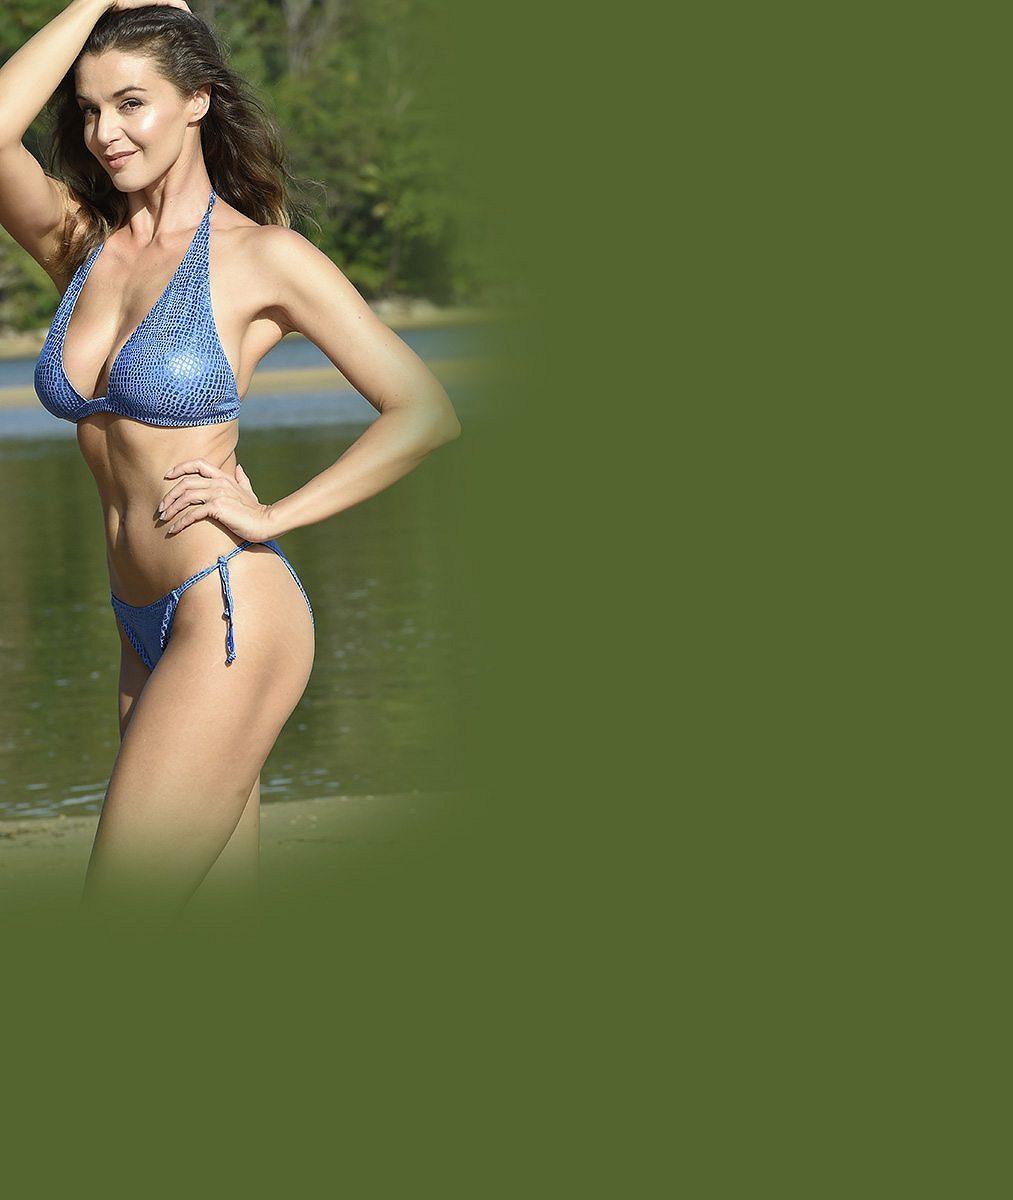 OBRAZEM: Sexy Iva Kubelková umí okouzlit v plavkách i ve večerní róbě. Do očí se jí ale podívá jen málokdo